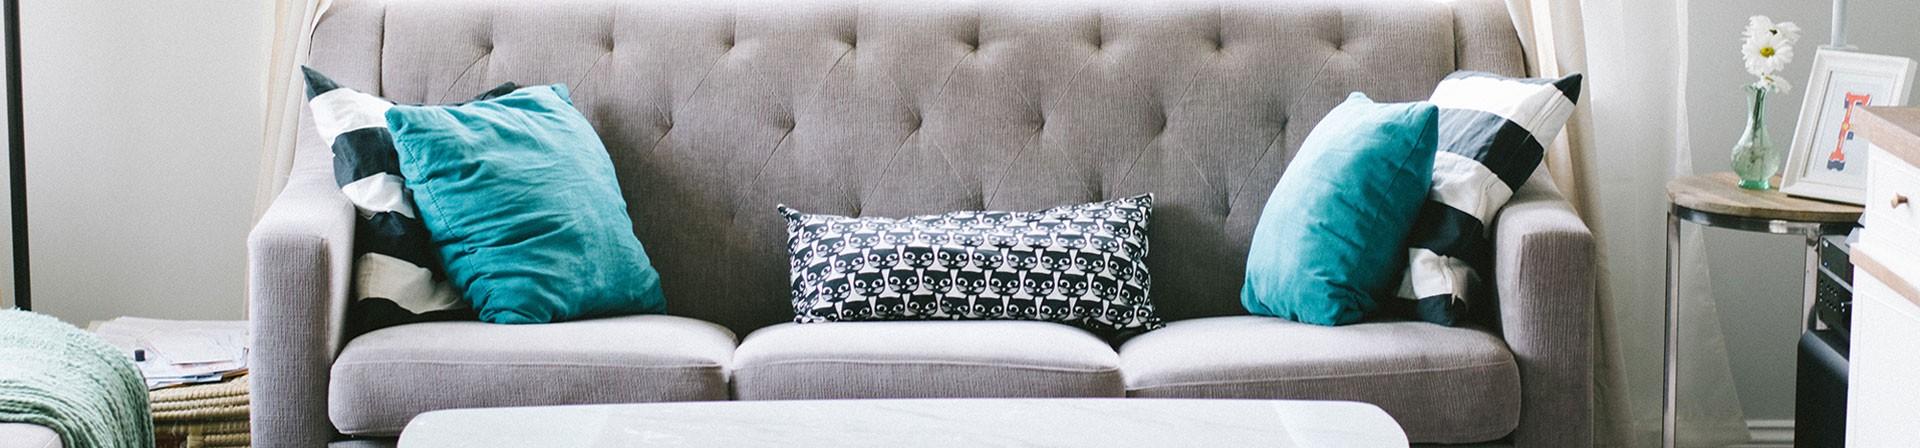 Обков за вашите мебели